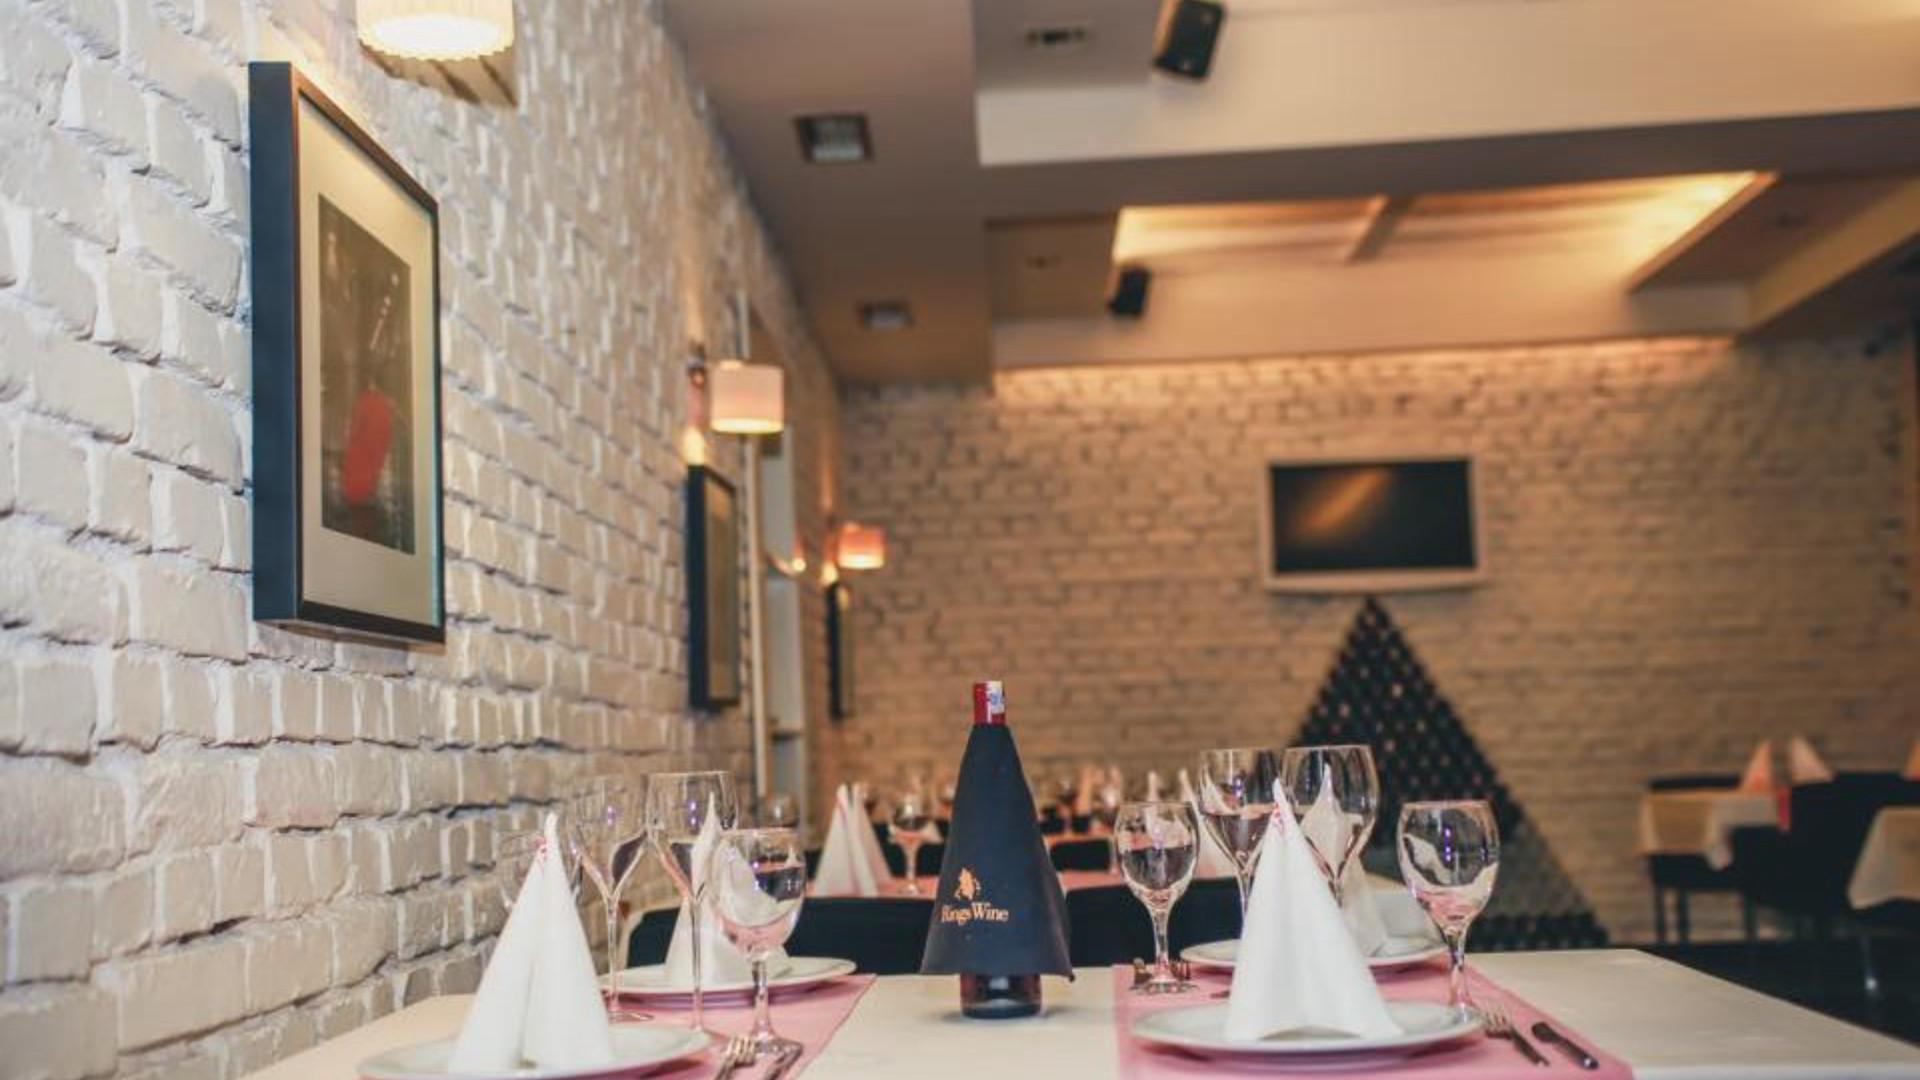 Restaurant RINGS